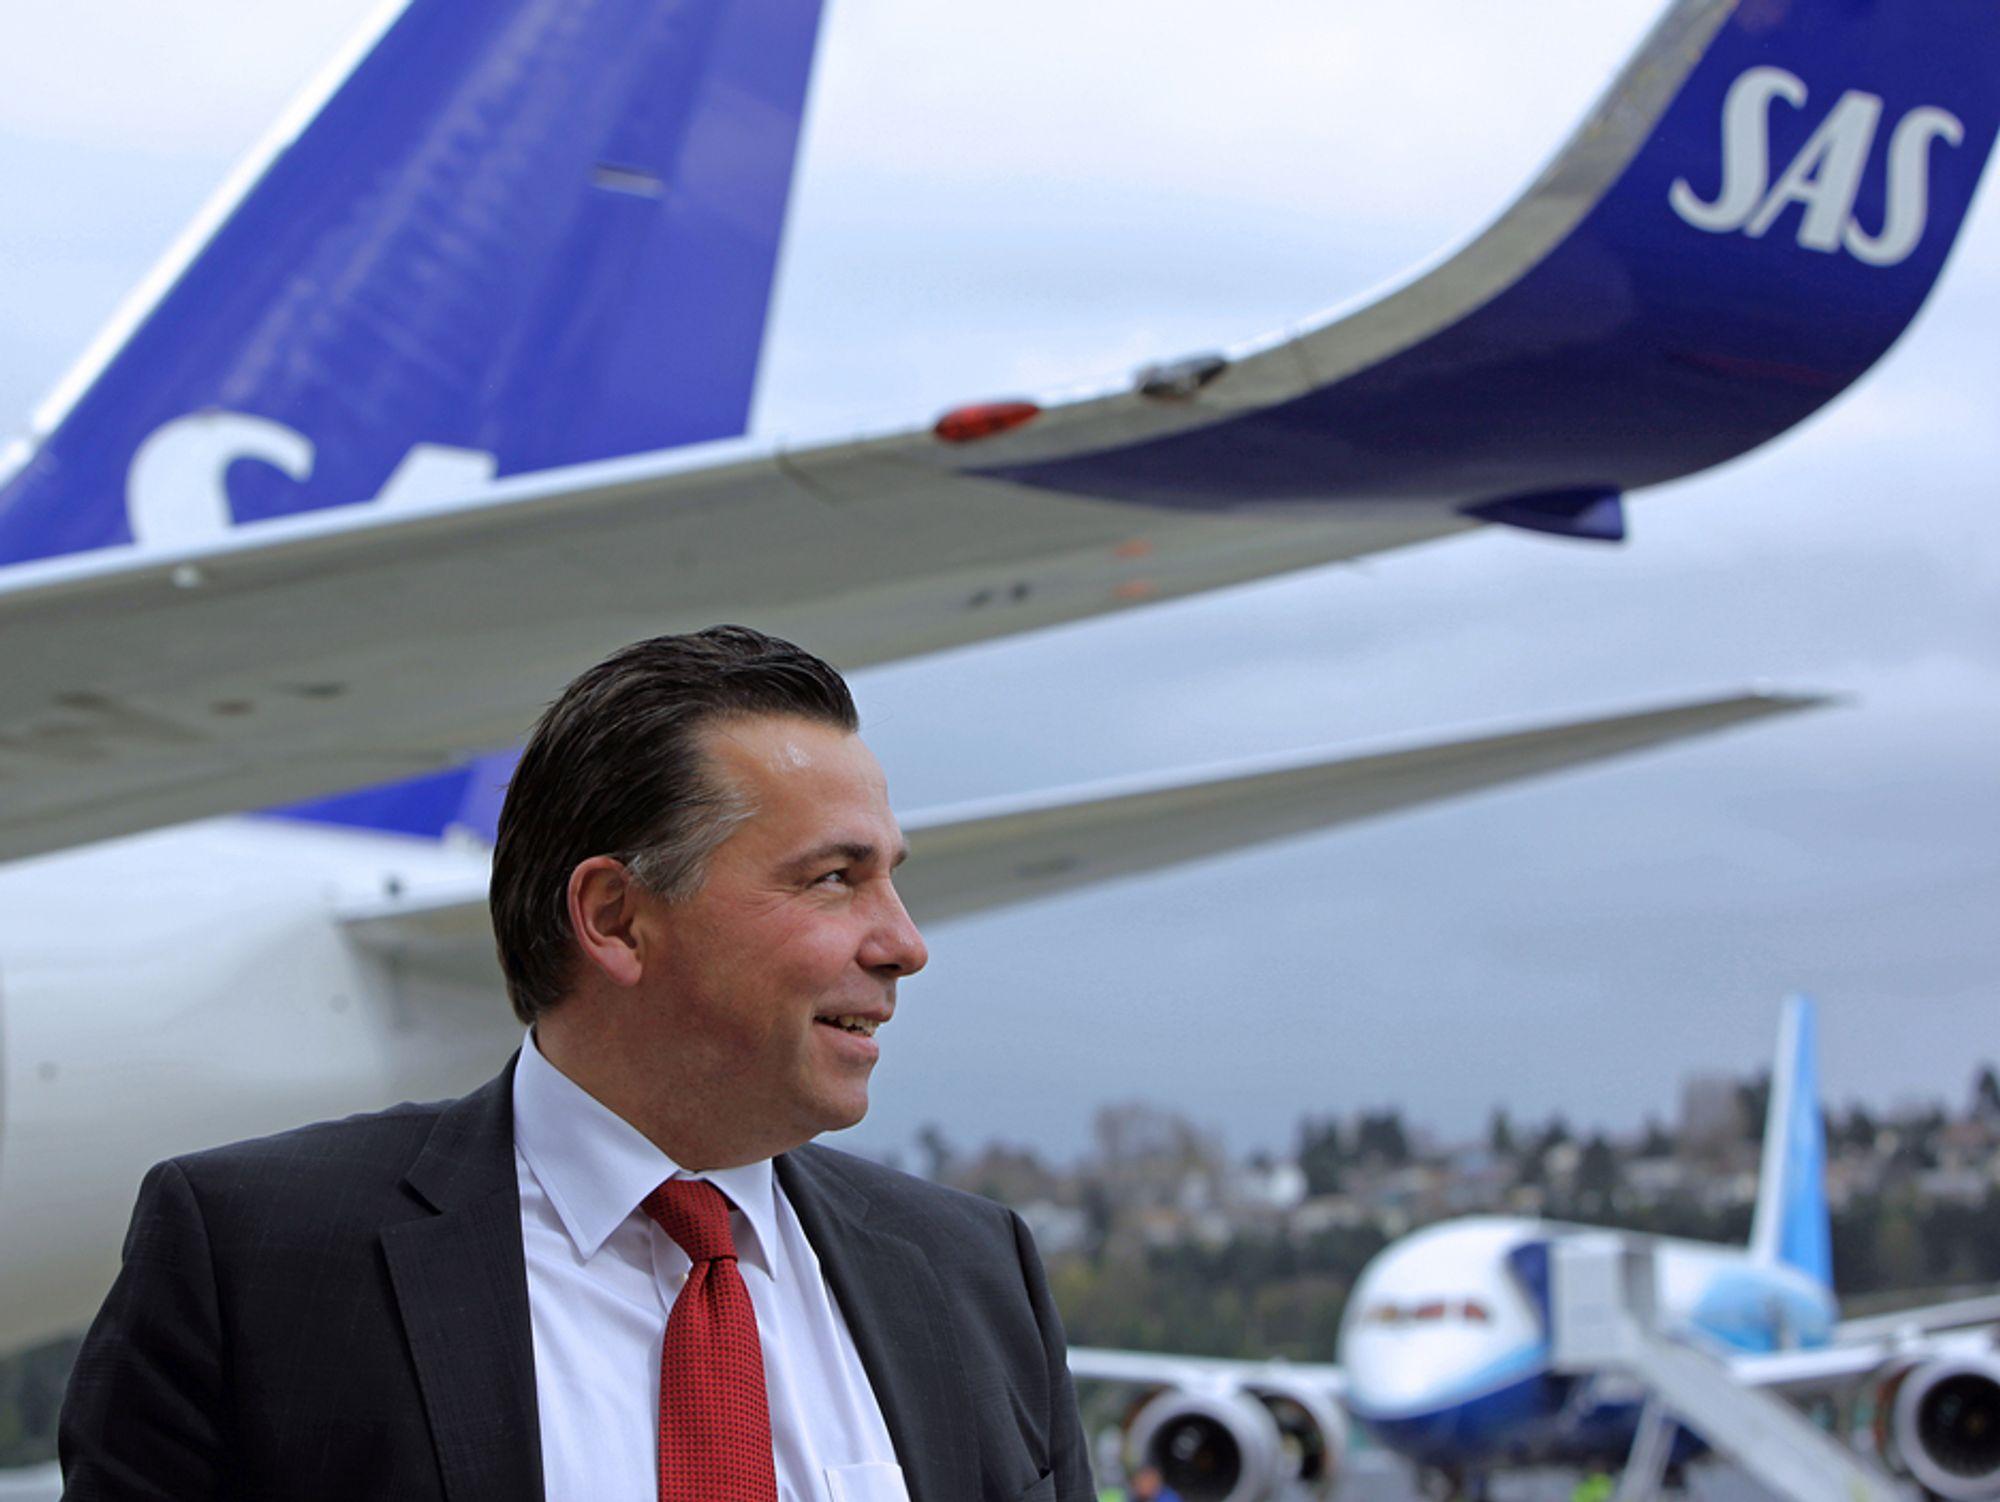 NYE FLY: Robin Kamark, som er kommersiell direktør i SAS, dro til Boeing-fabrikken ved Seattle for å hente et nytt 737-700 og ta en nærmere titt på B787 Dreamliner (i bakgrunnen).